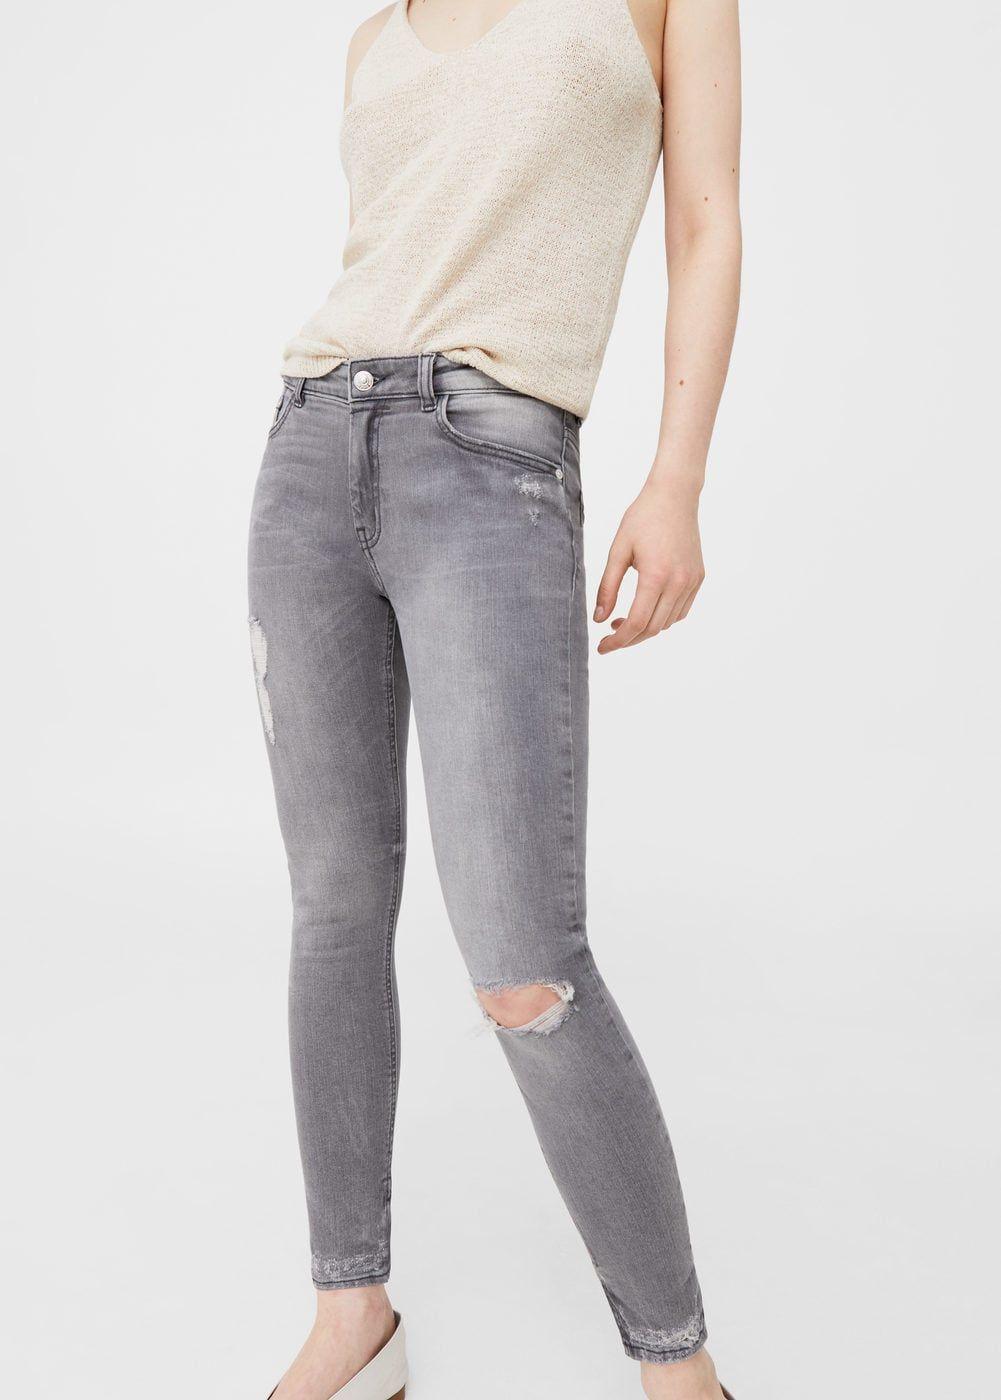 Jeans skinny isa - Jeans de Mujer  08daf479ef5